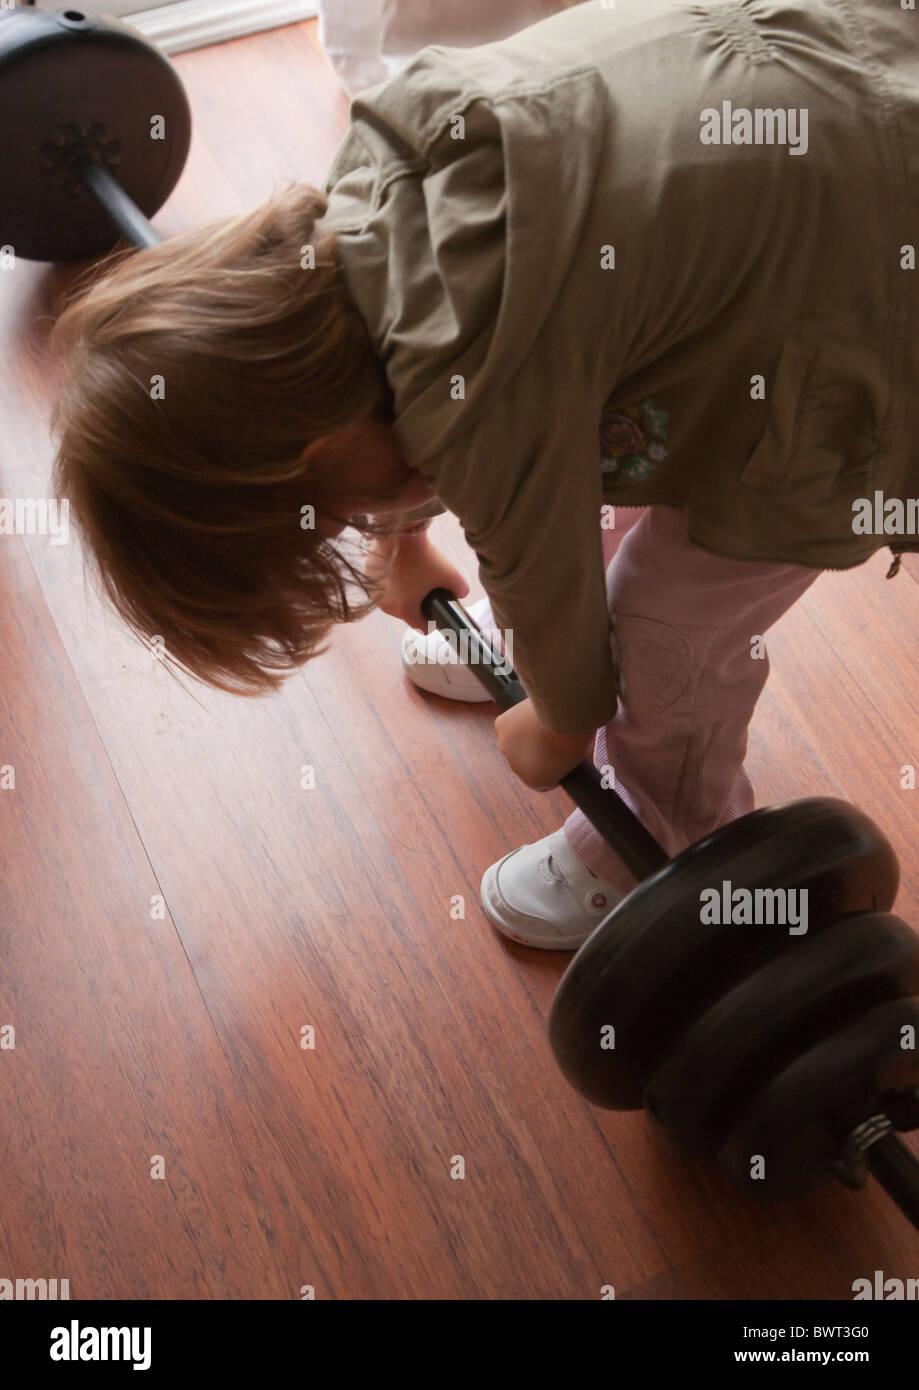 Niña de tres años tratando de levantar pesos pesados. Foto de stock